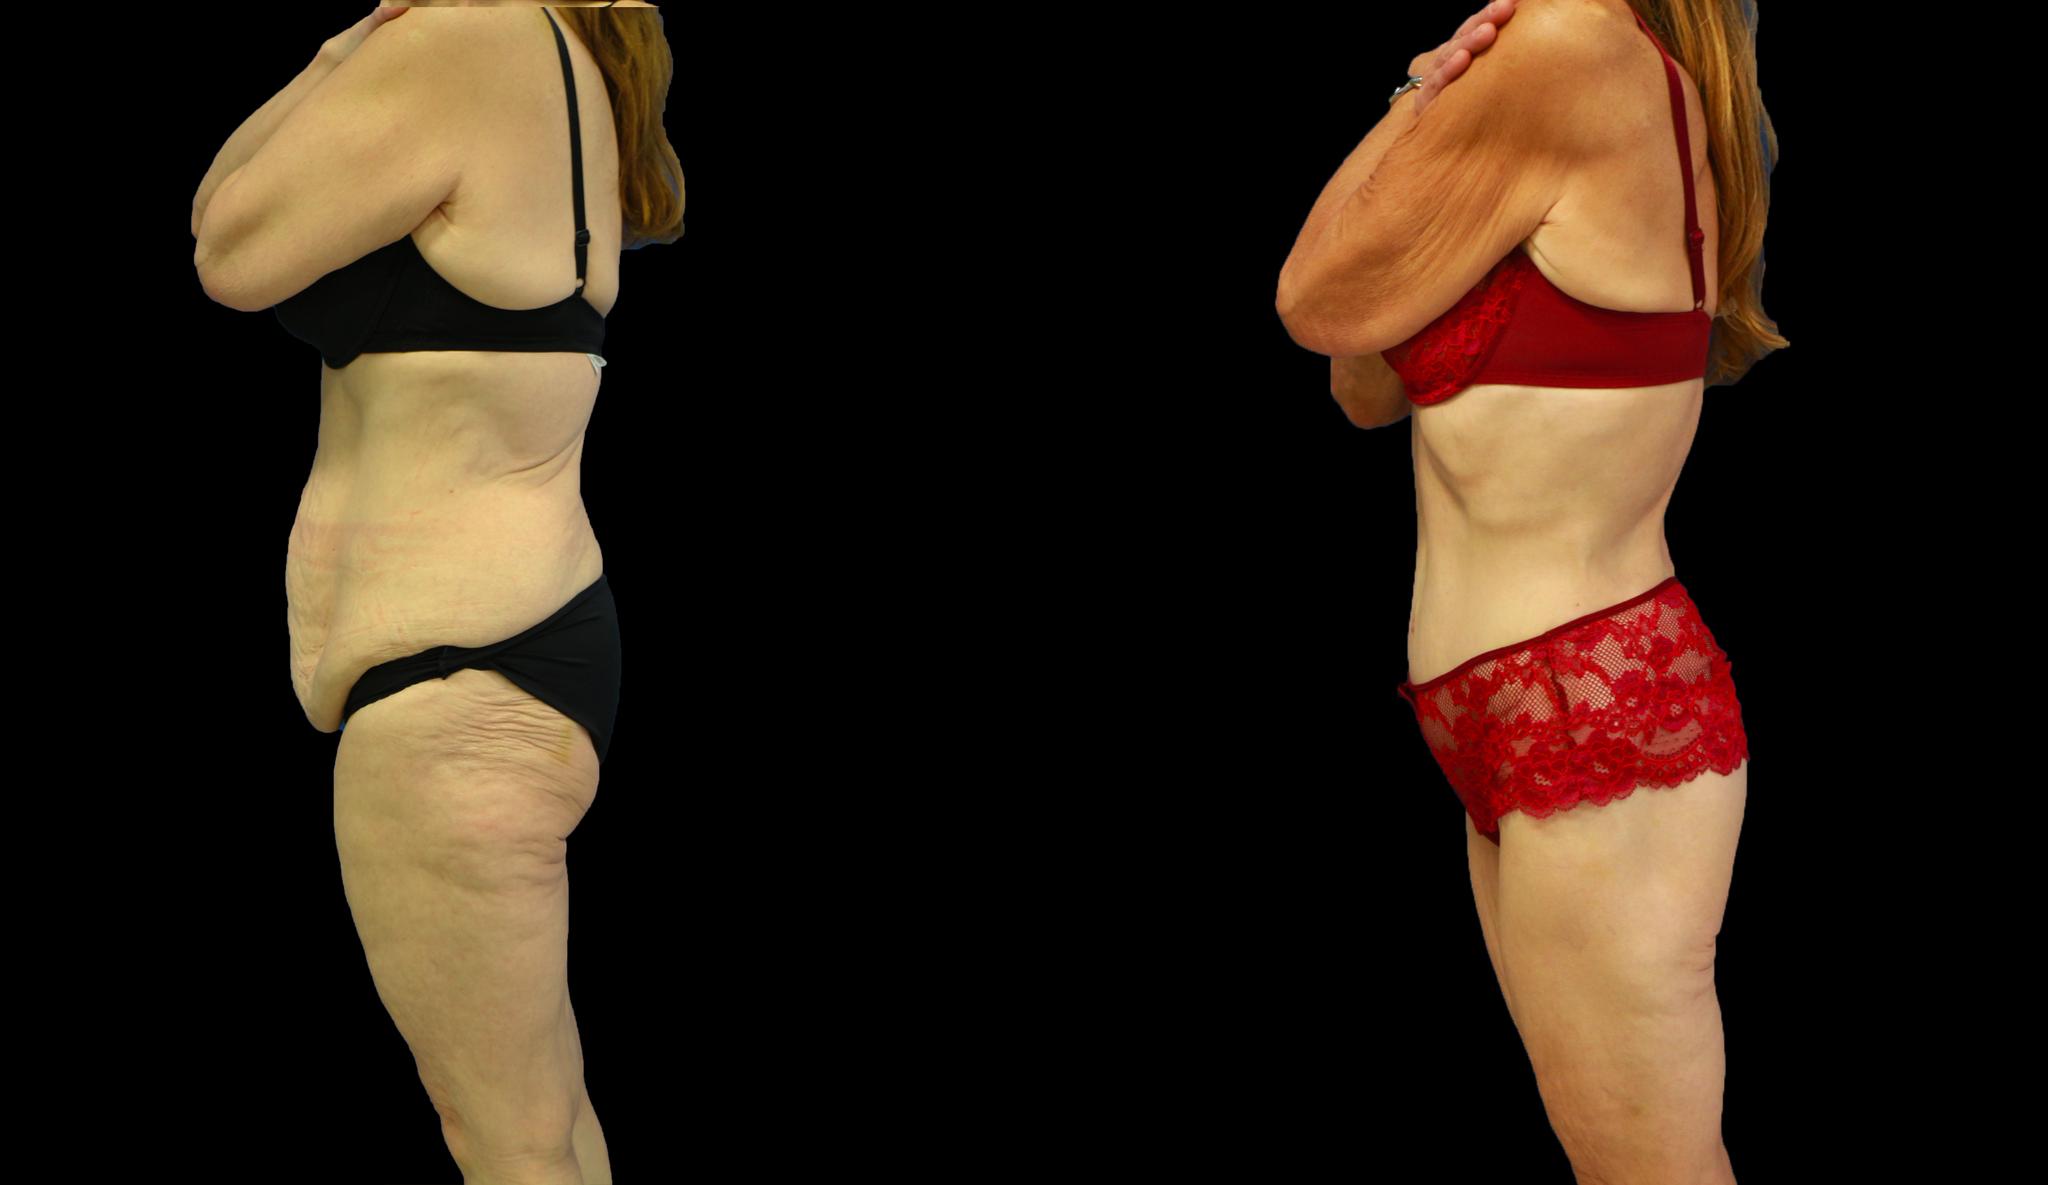 Perte de 9 kg  / Dr Vivien Moris